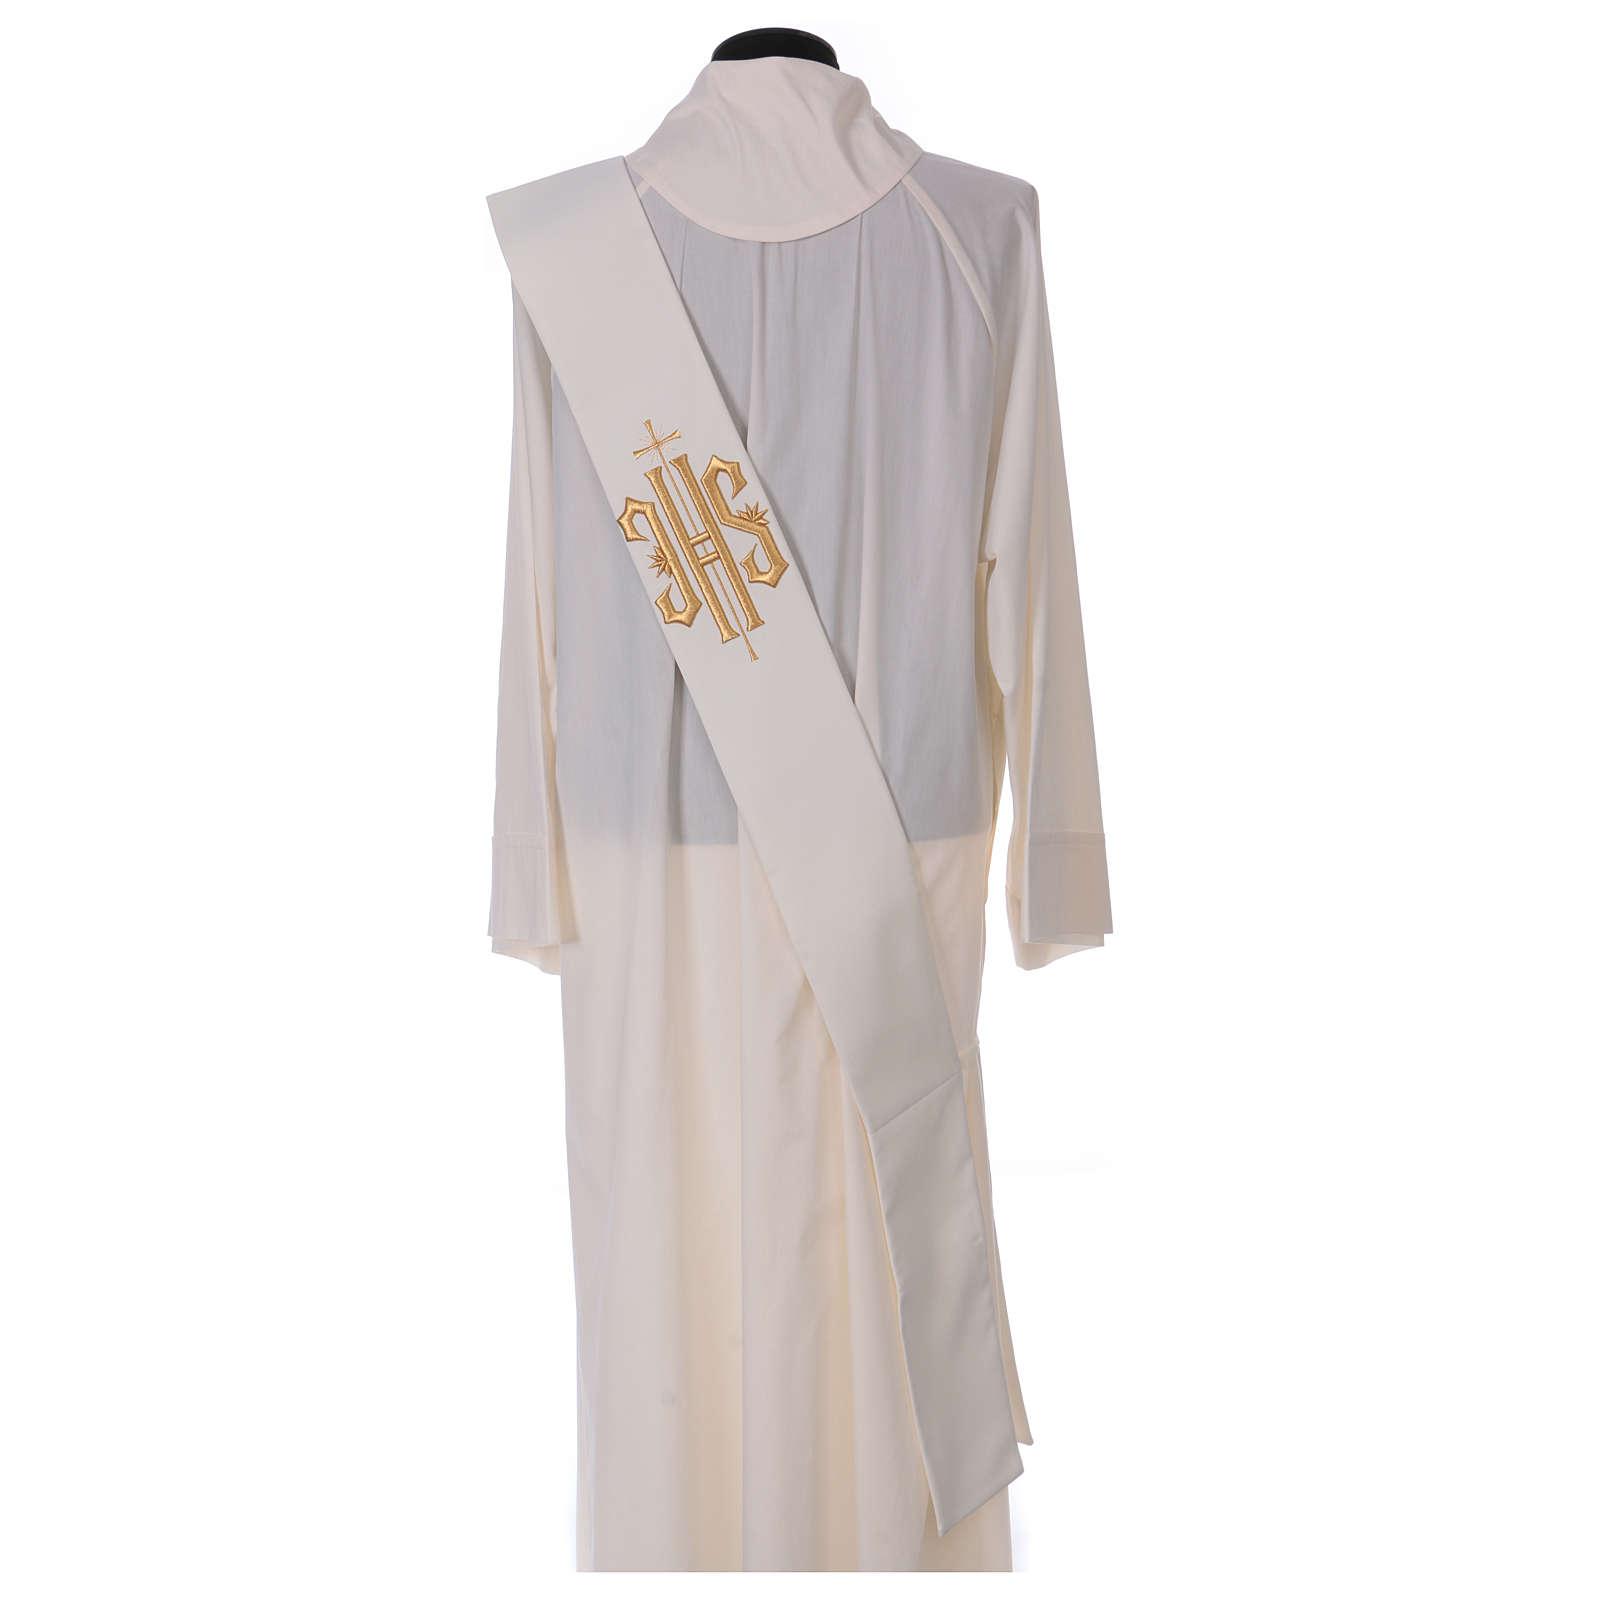 Stola diaconale lana poli avorio con croce e scritta IHS dorata in rilievo  4